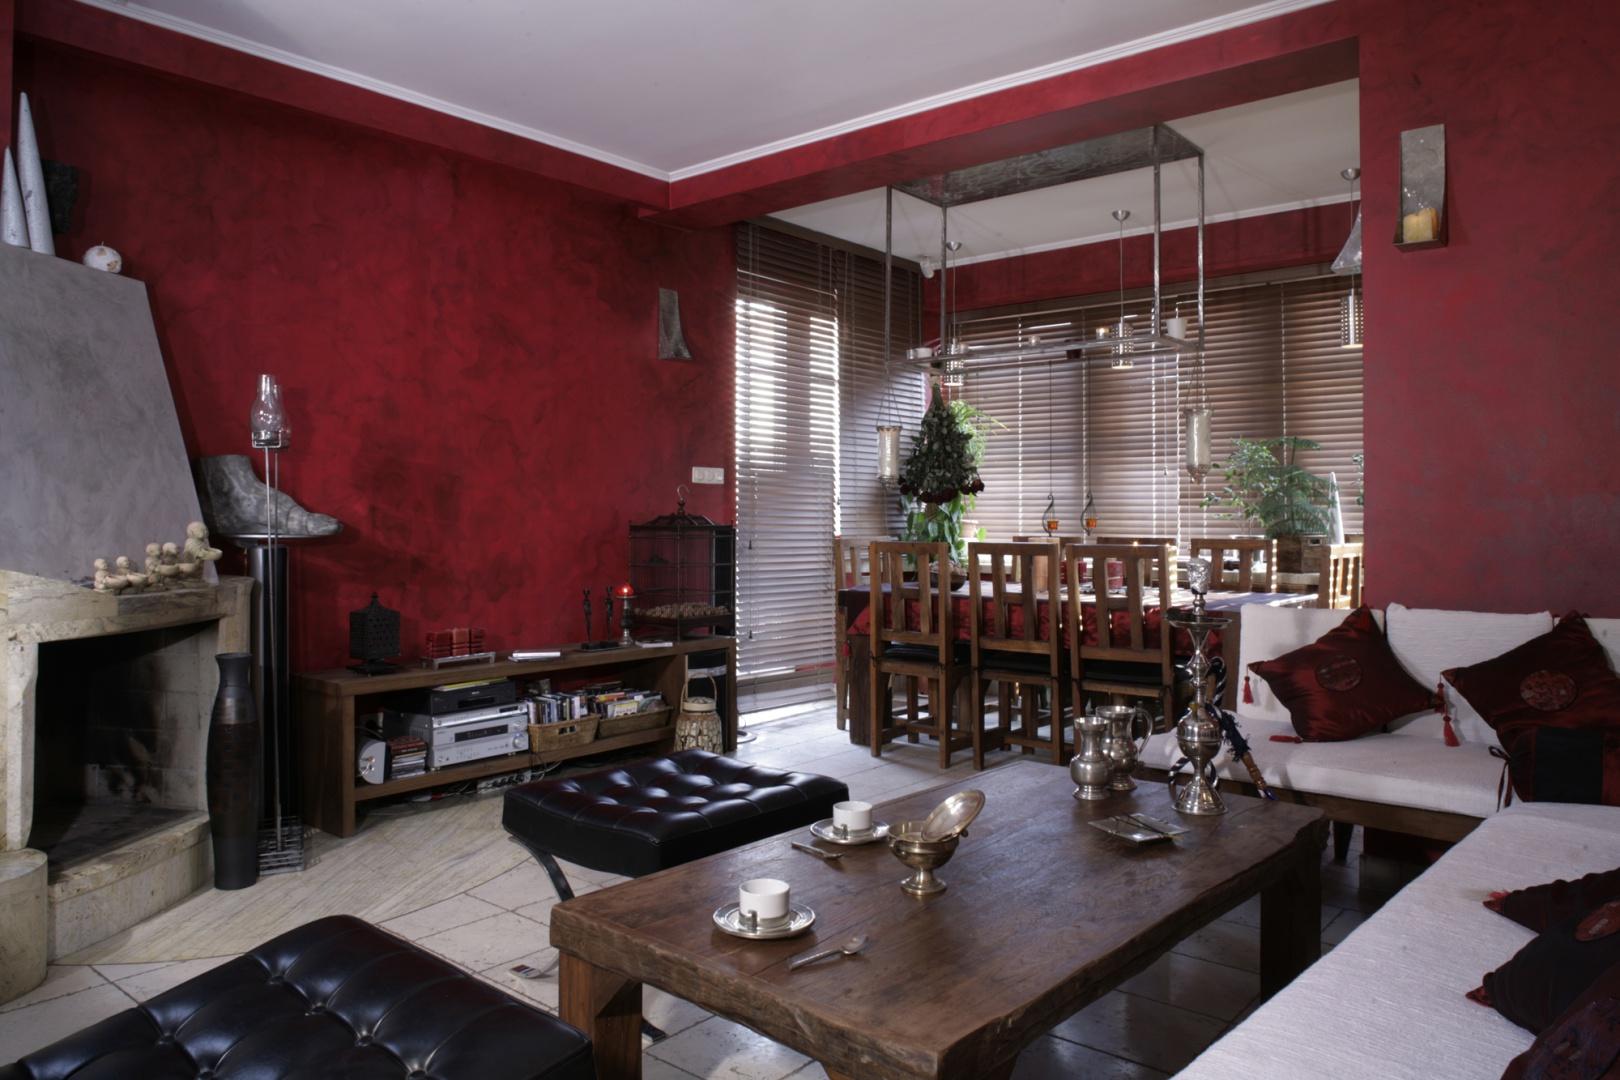 """Salon to wnętrze """"gęste"""" i bogate, zaprzeczenie stylistycznej ascezy. Ściany pokryto tu ciemną, bordową farbą, na której wykonano ręczne przecierki z czarnego lazuru. Oryginalne meble zostały zaprojektowane przez Cezarego Tochmana, ale wykonane... w Chinach. Fot. Monika Filipiuk."""